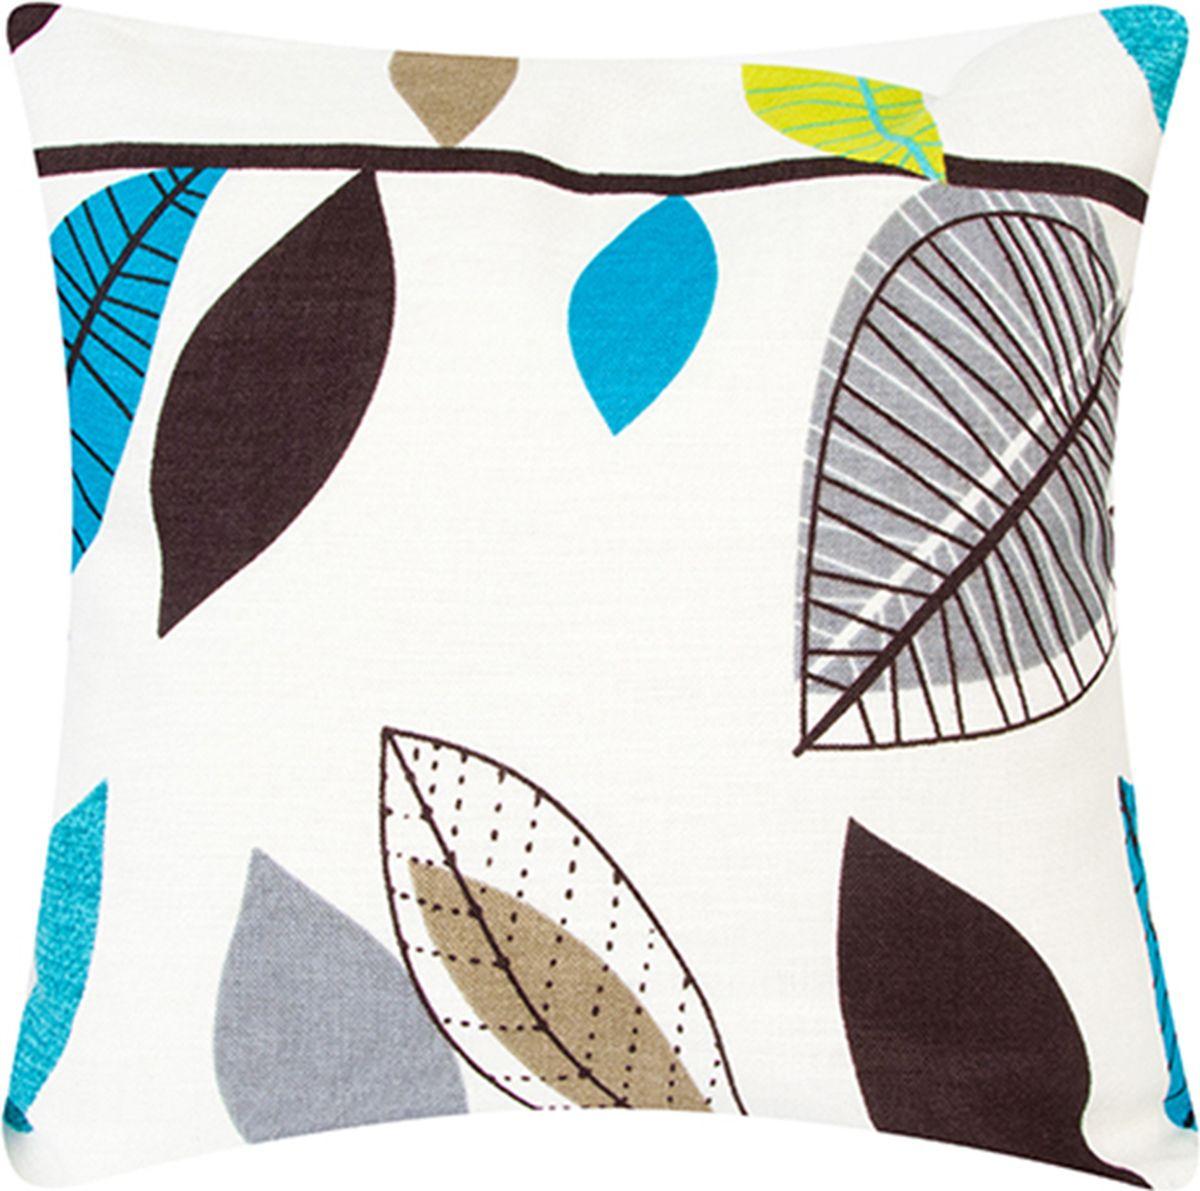 Подушка декоративная EL Casa Графичные листья, цвет: голубой, 43 x 43 см. 171719171719Декоративная подушка Графичные листья прекрасно дополнит интерьер спальни или гостиной. Она легко снимается, благодаря молнии. Внутри подушки находится мягкий наполнитель.Состав наволочки: лен.